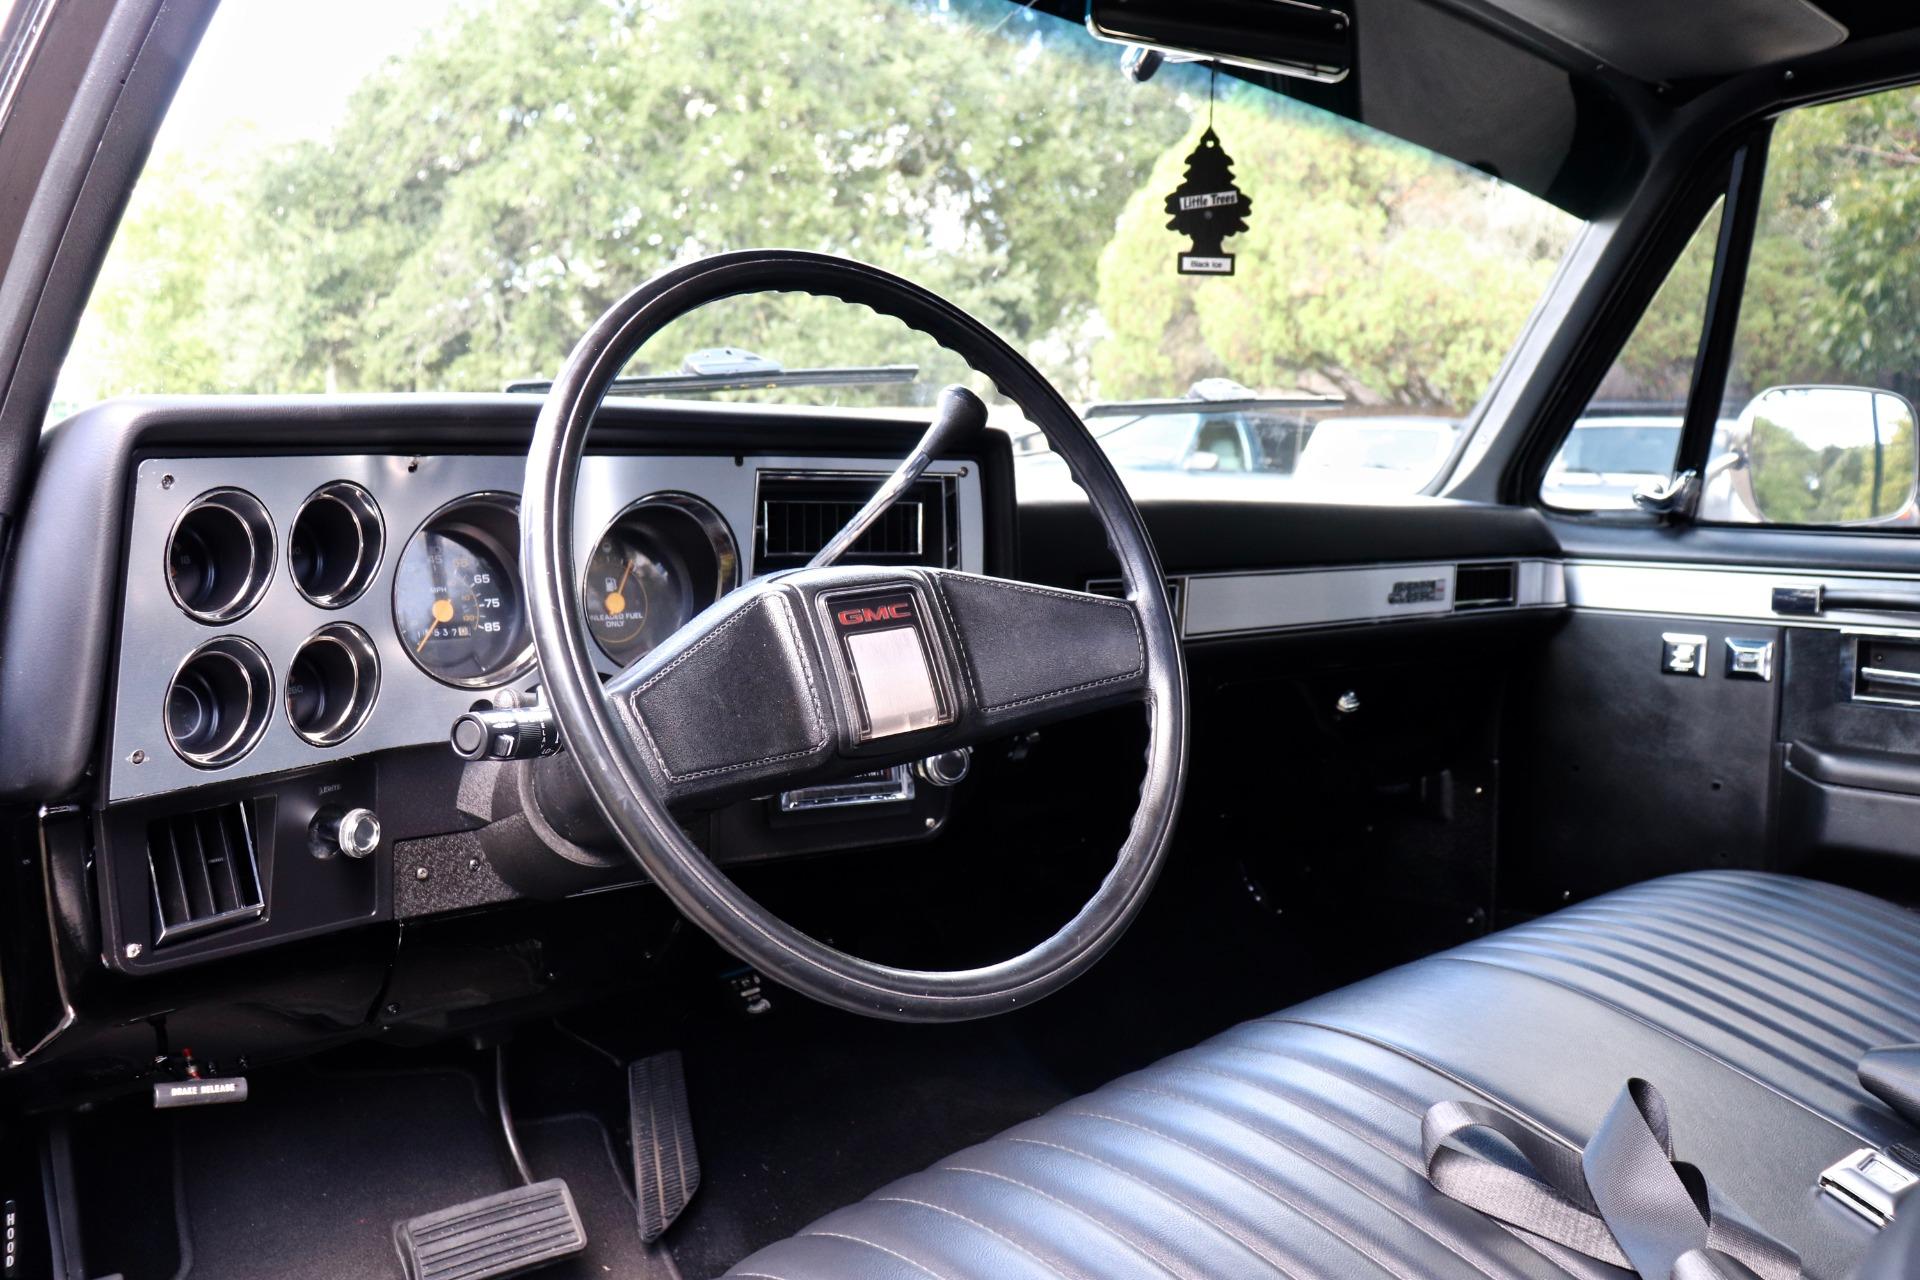 Used-1987-GMC-R/V-1500-Series-R1500